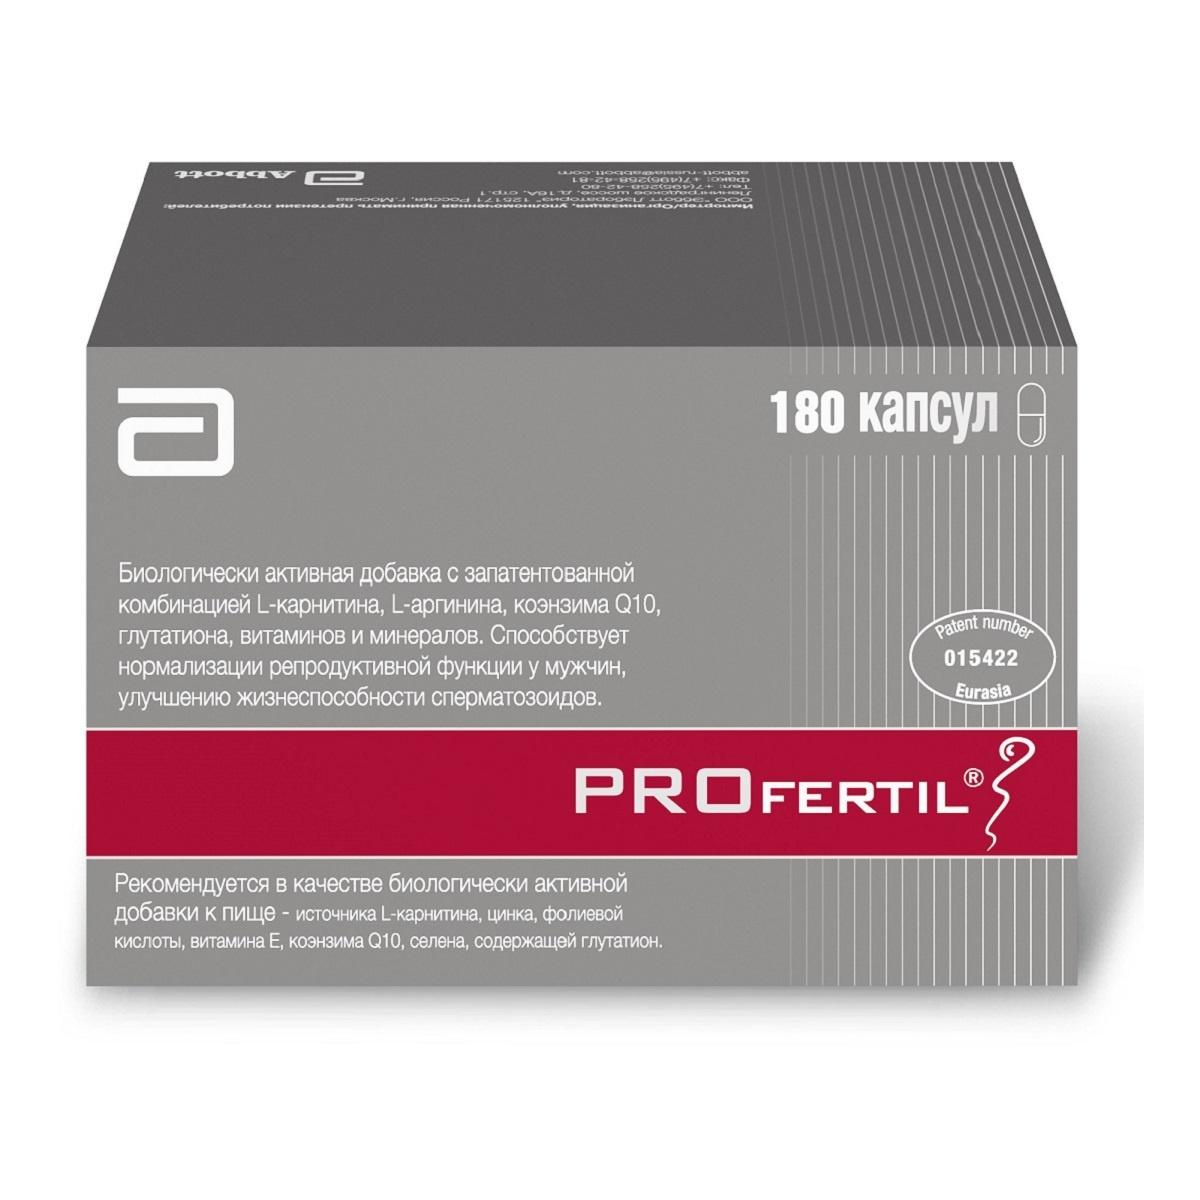 ПРОфертил® (PROfertil) Капсулы, №180 #1